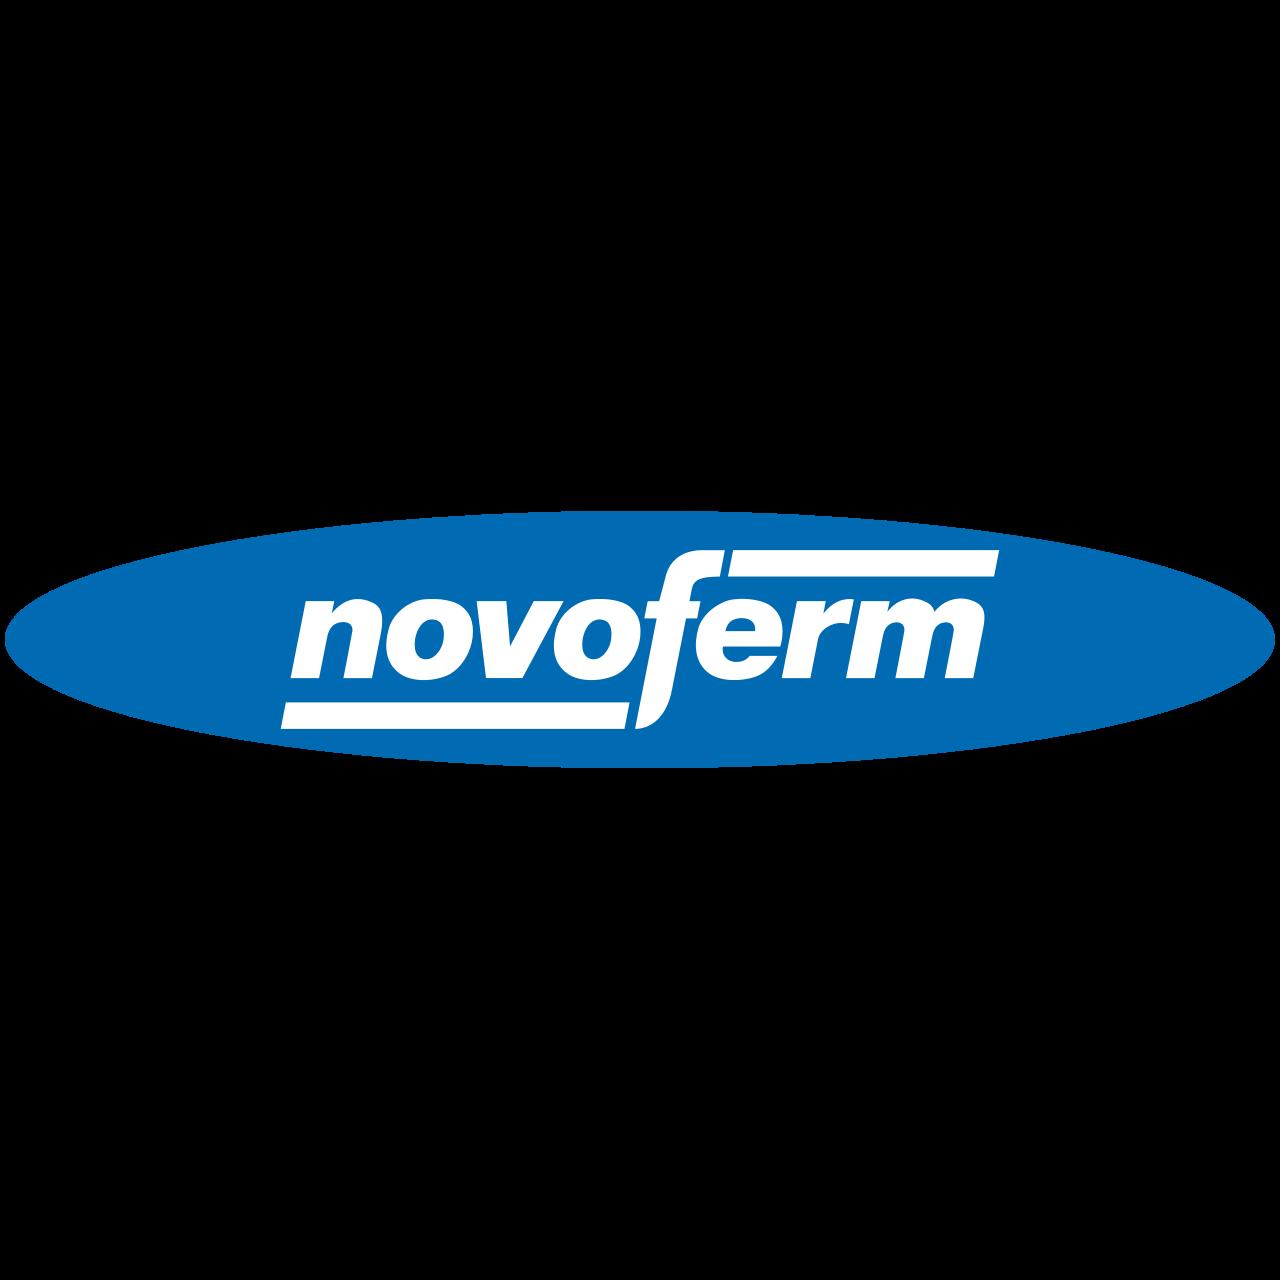 Novoferm_Logo.svg